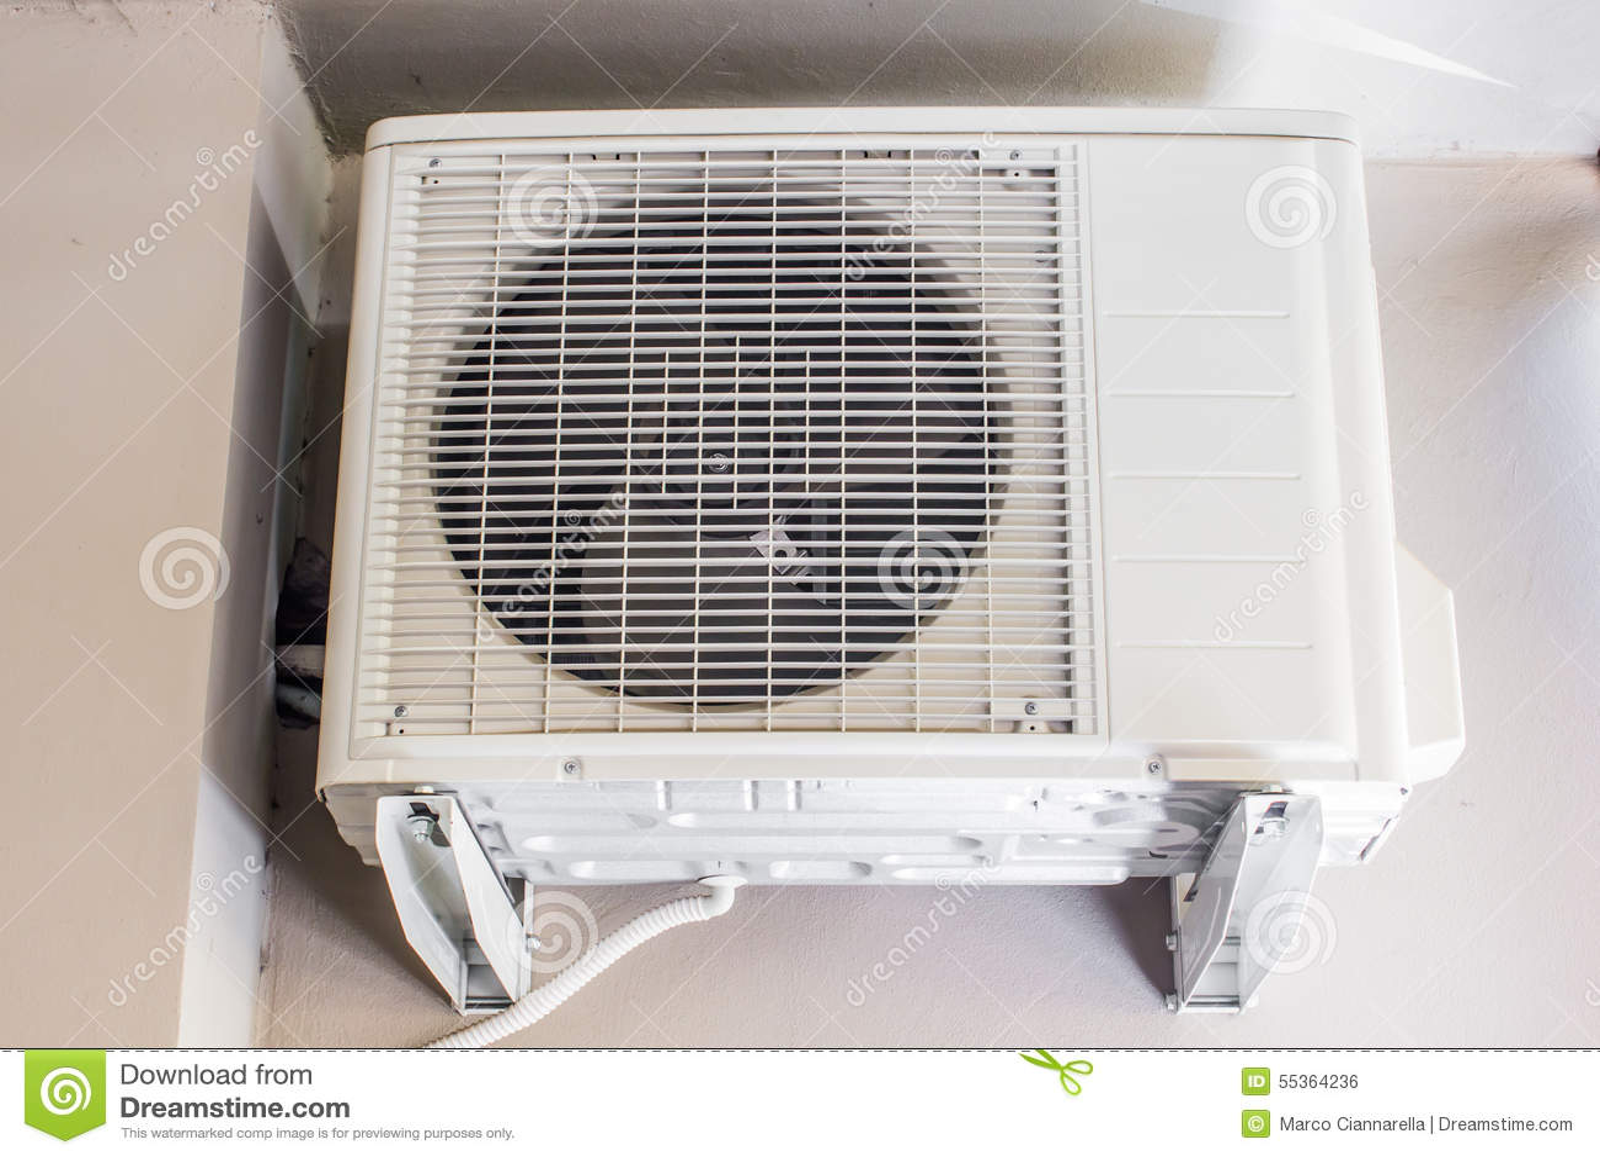 Compressore d aria di un sistema di condizionamento d aria